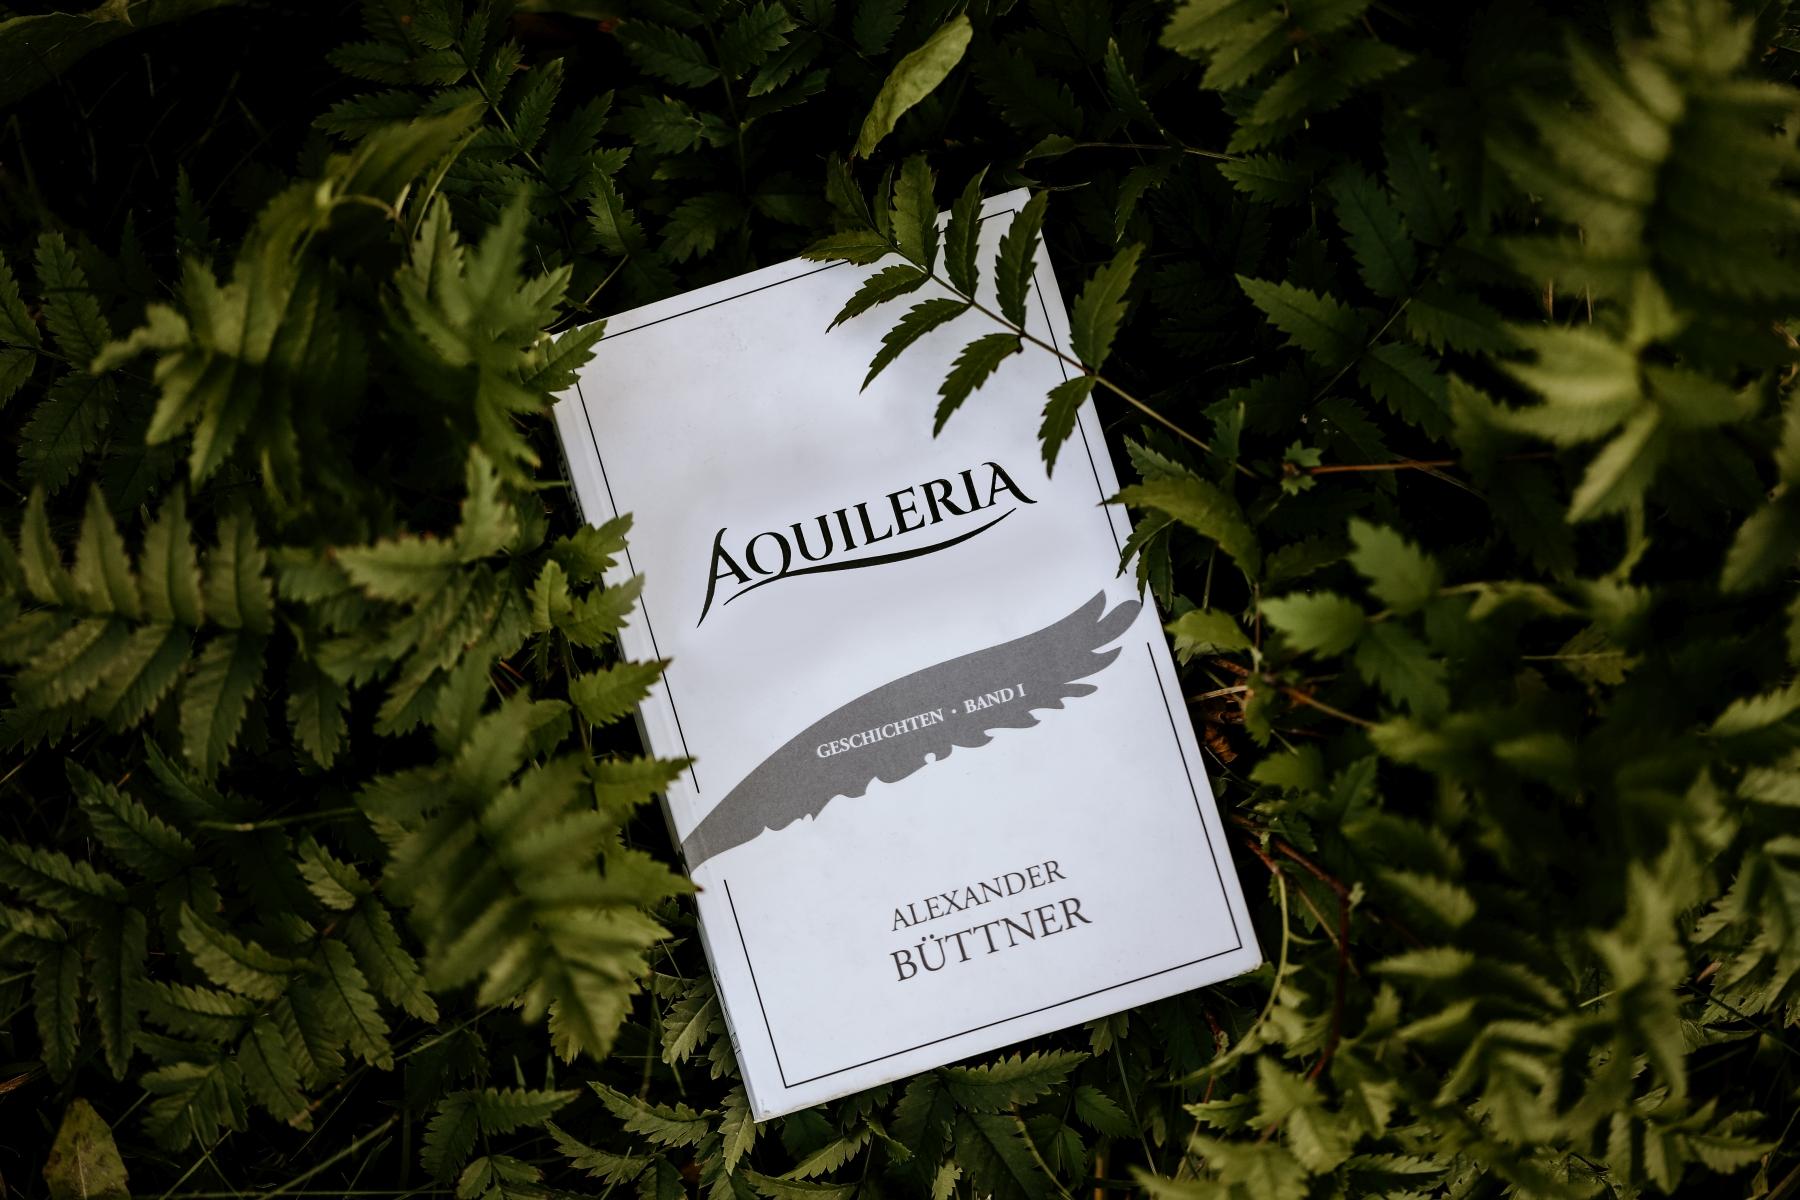 AQUILERIA ist ein Buch mit mittelalterlichen Geschichten.